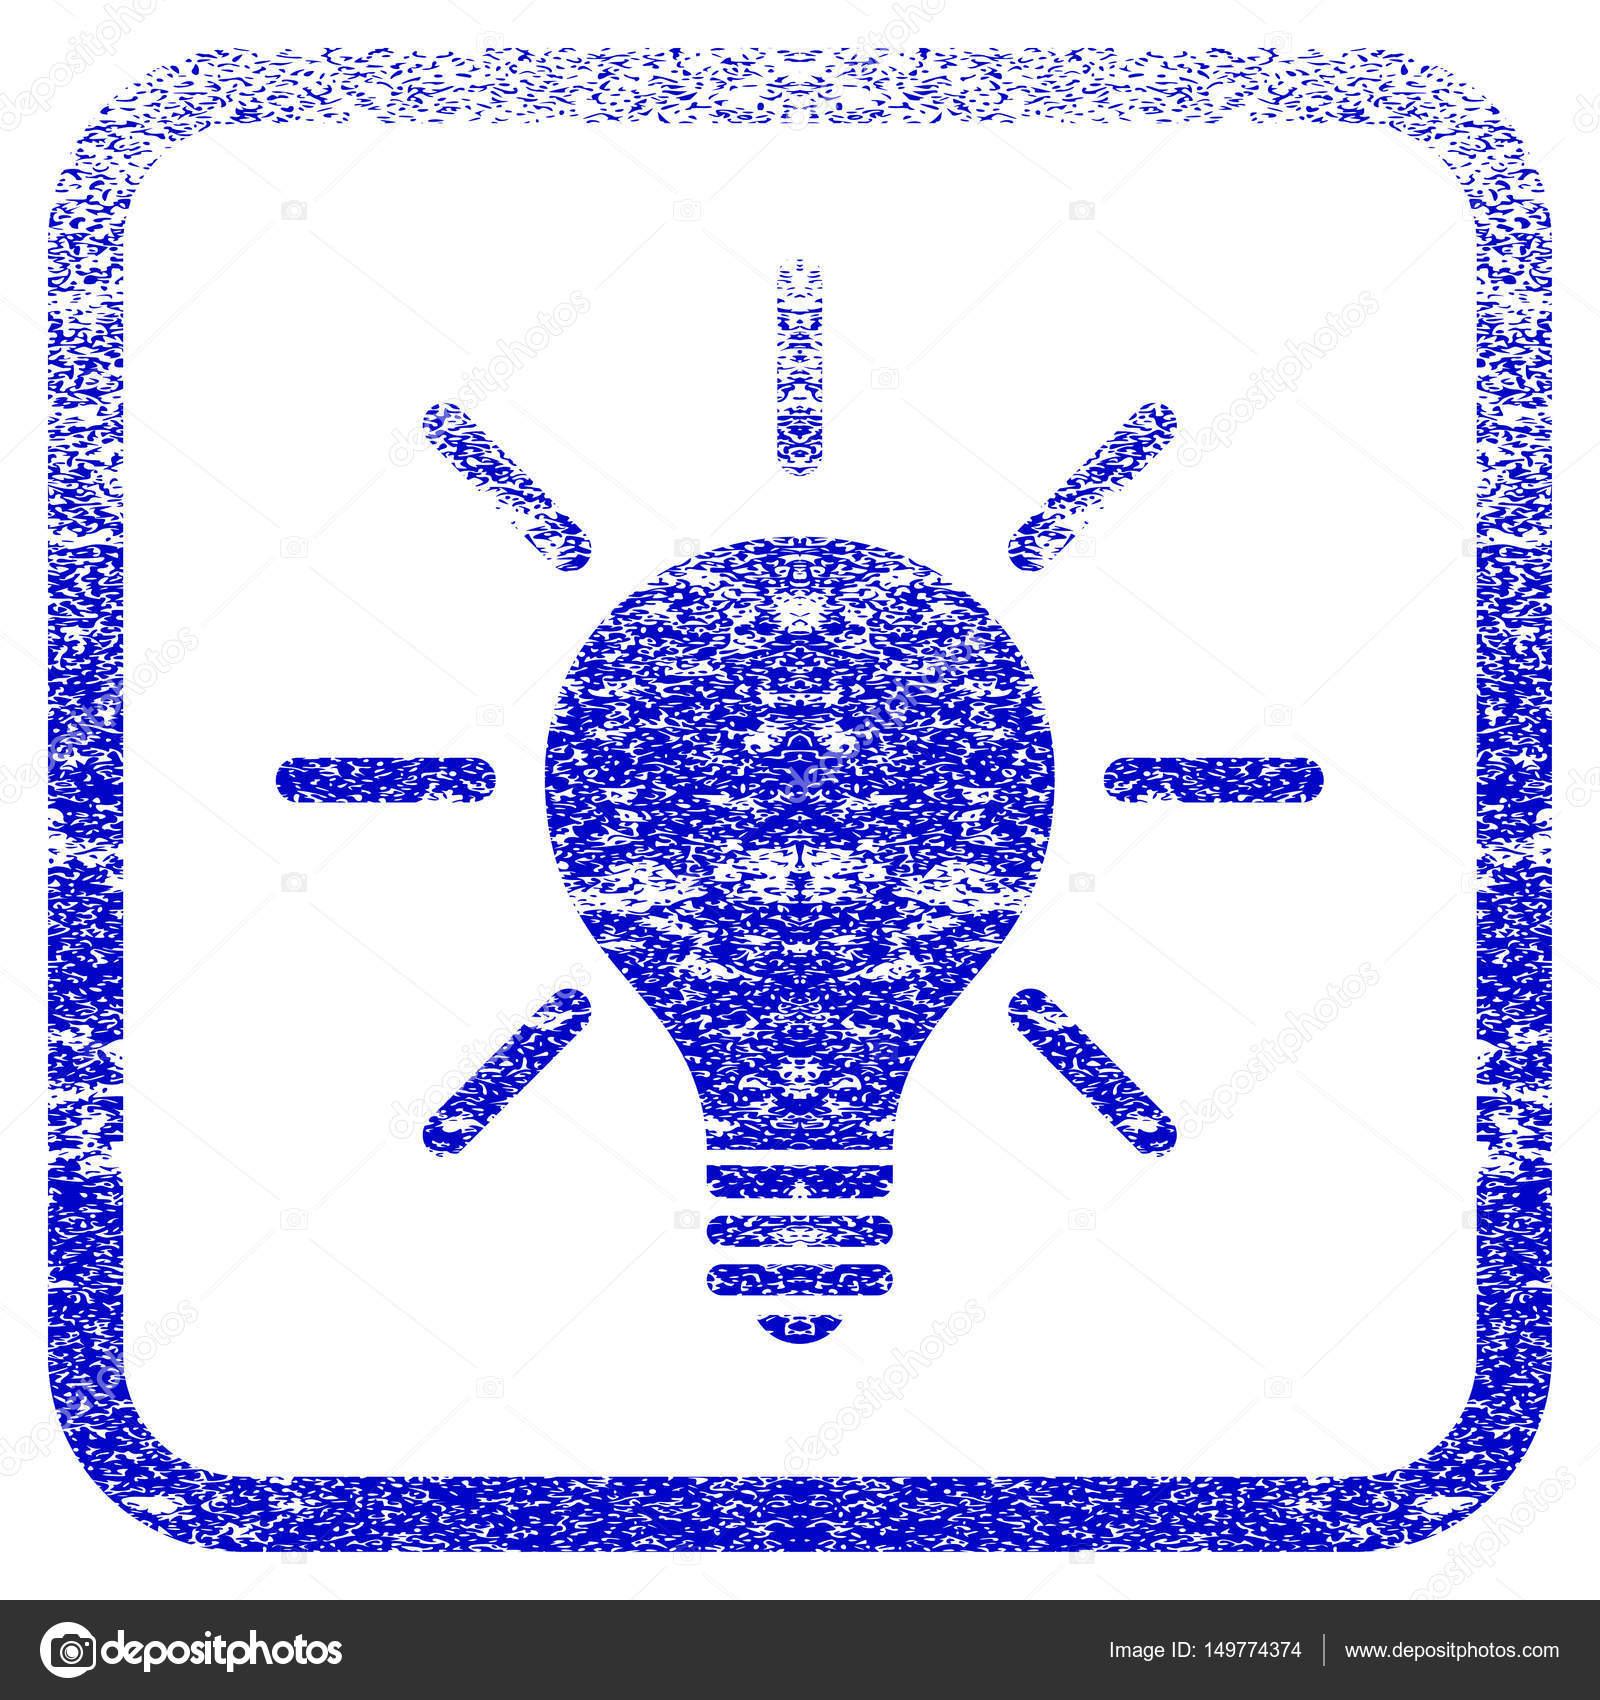 Bombilla de luz enmarcada textura icono — Archivo Imágenes ...